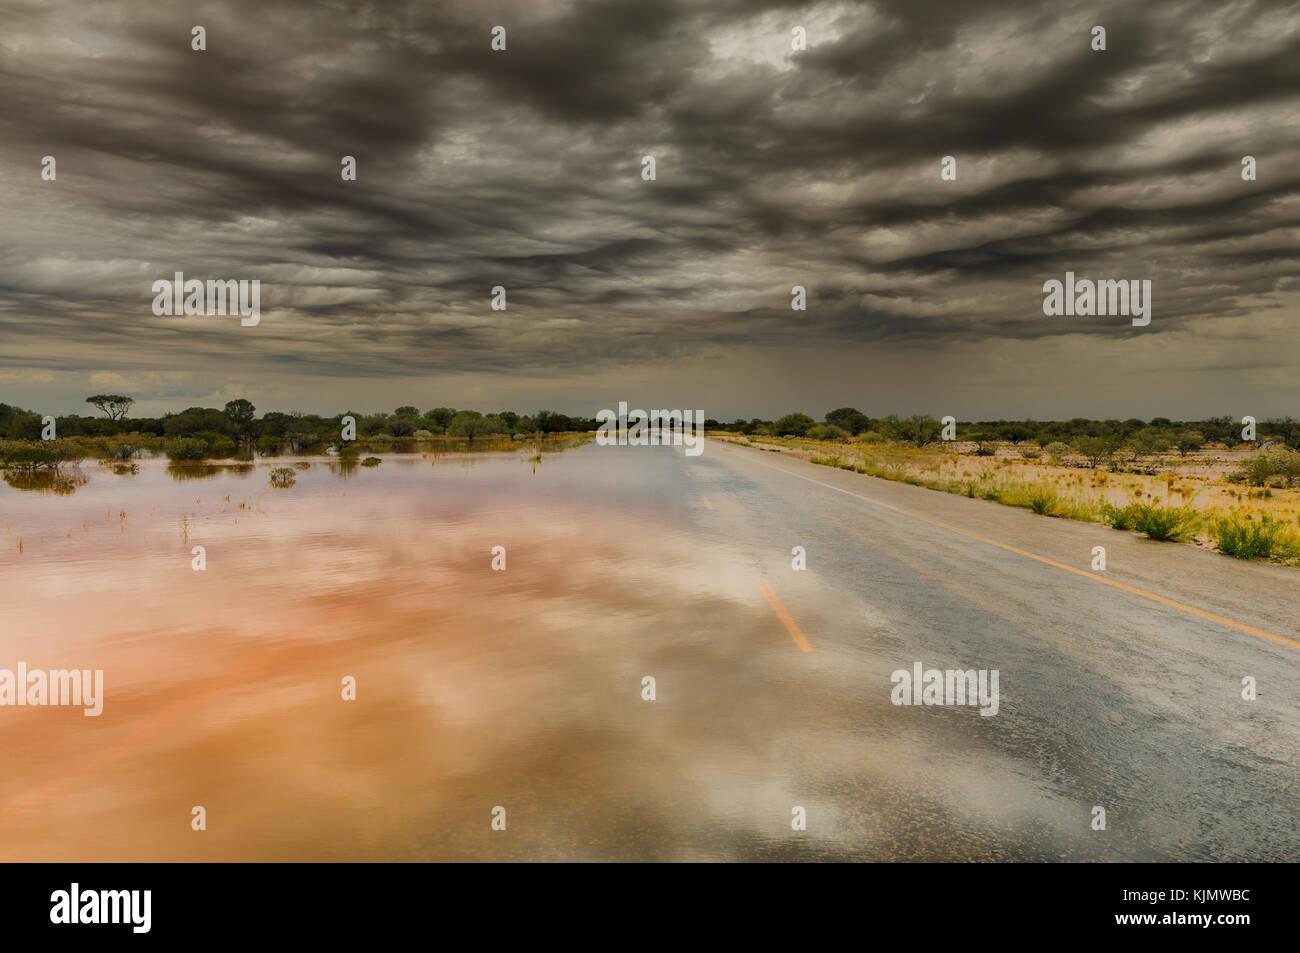 Wasser läuft über Great Northern Highway nach starkem Regen im Outback Westaustraliens. Stockbild